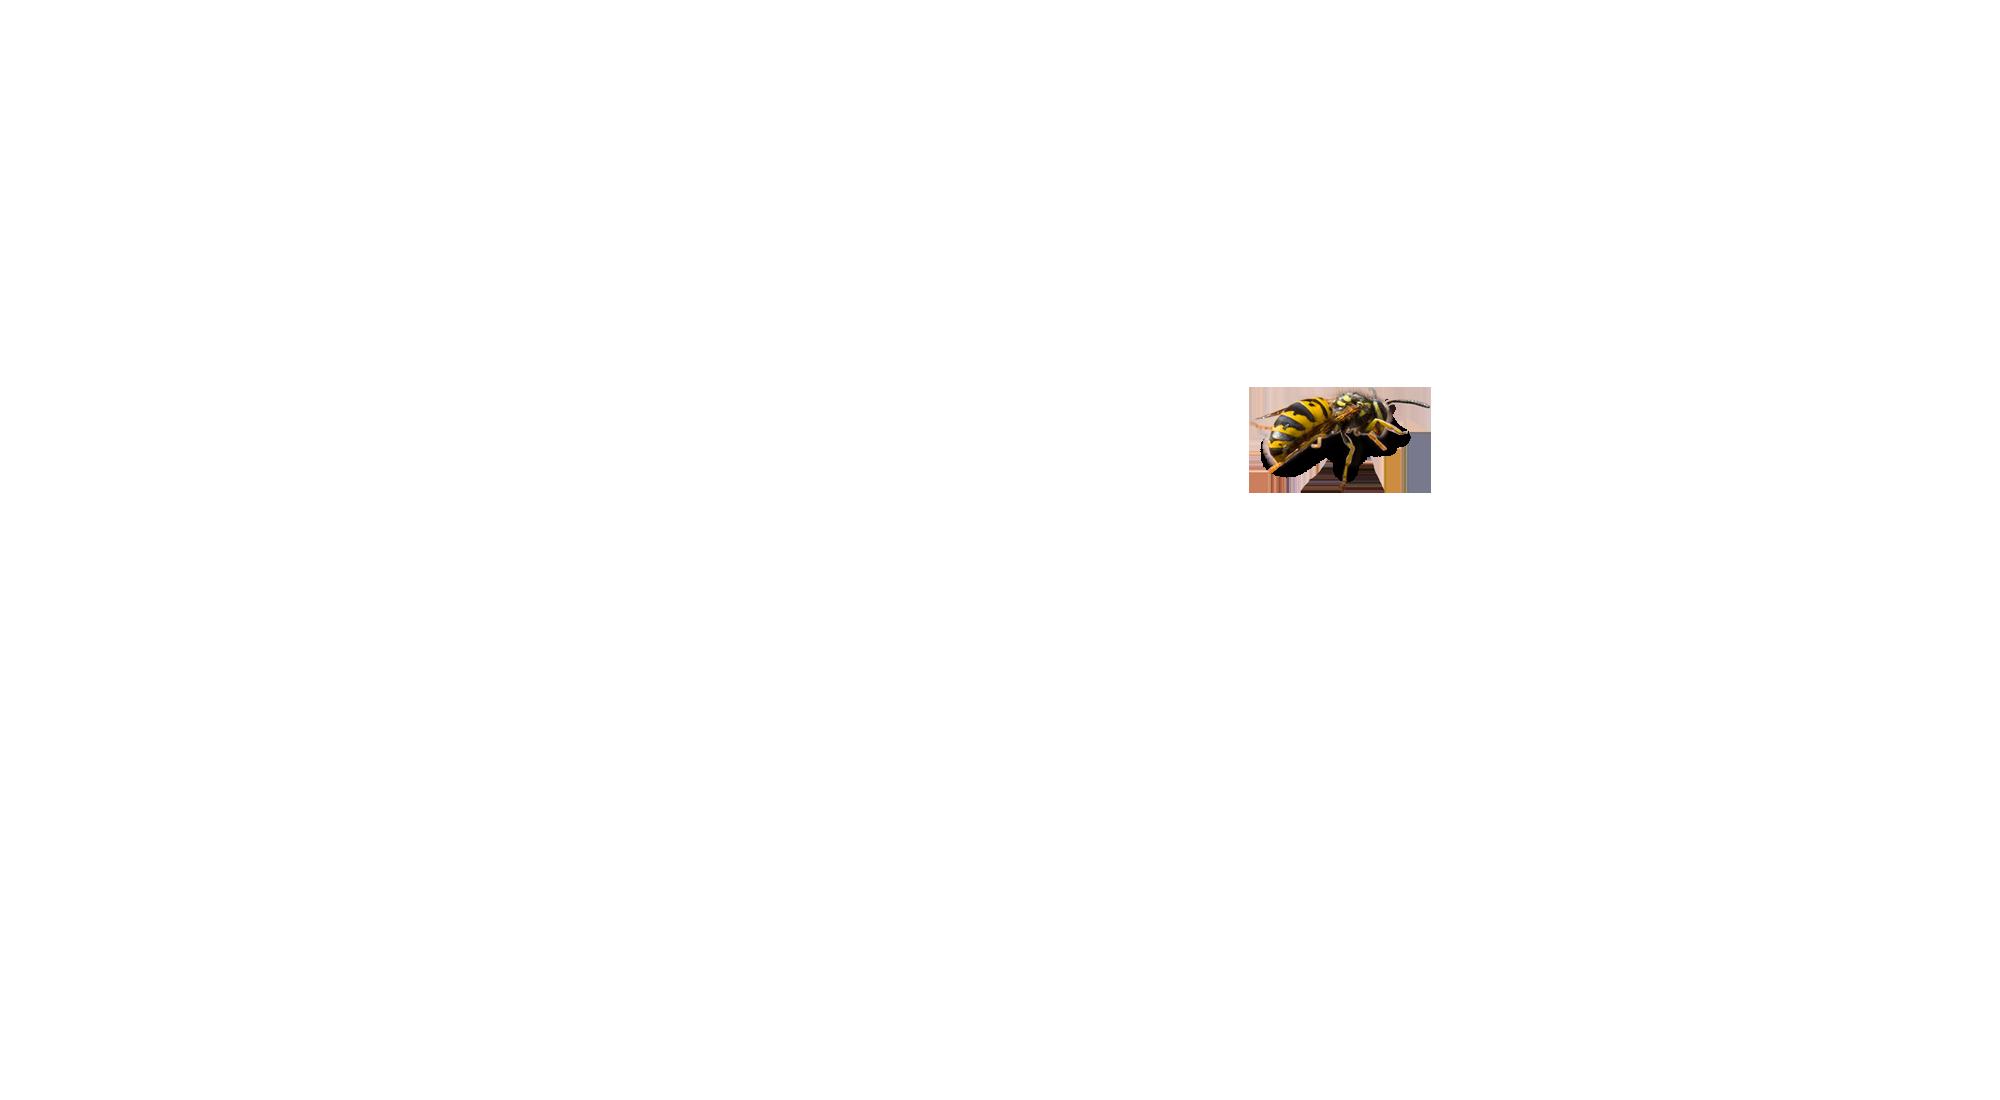 A1 Exterminators Wasp Pest Control 3